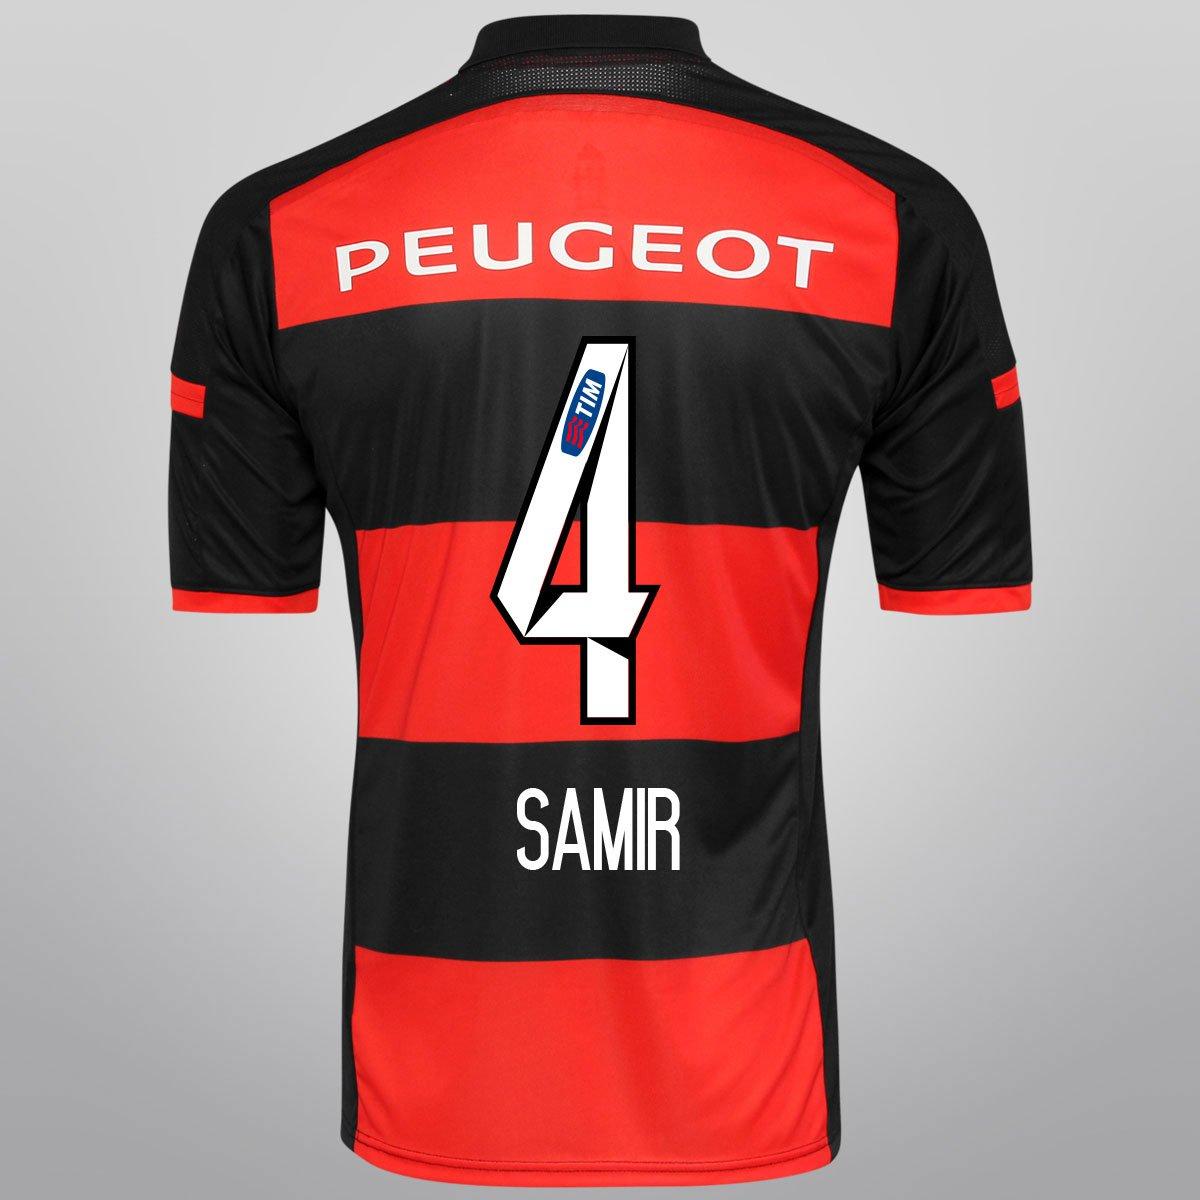 Camisa Adidas Flamengo I 14 15 nº 4 - Samir - Compre Agora  677cbe08a28